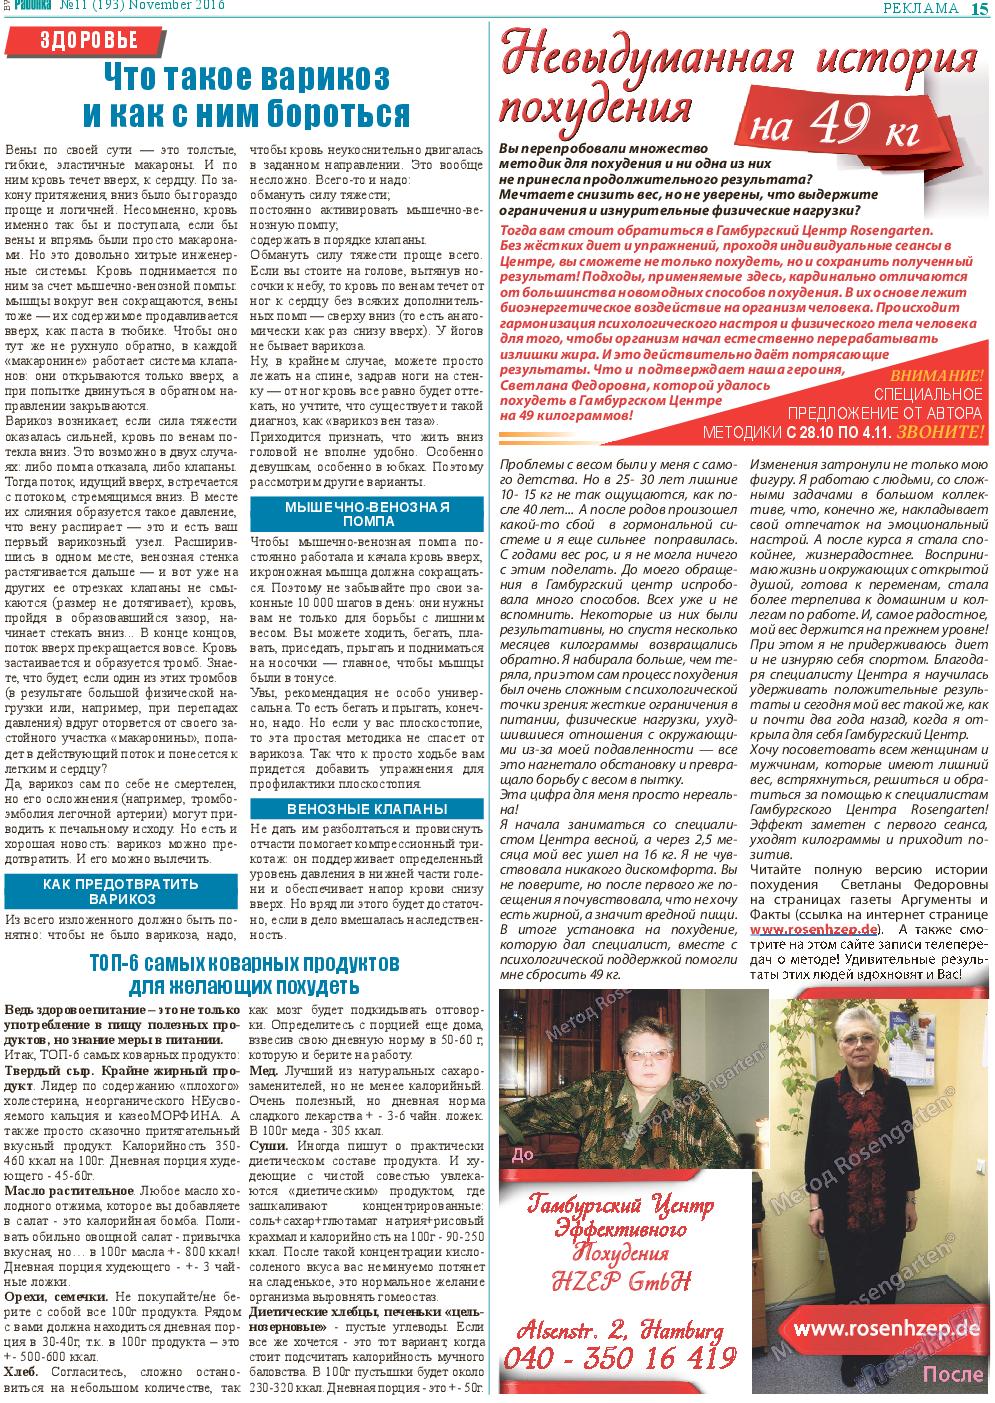 Районка-West (газета). 2016 год, номер 11, стр. 15